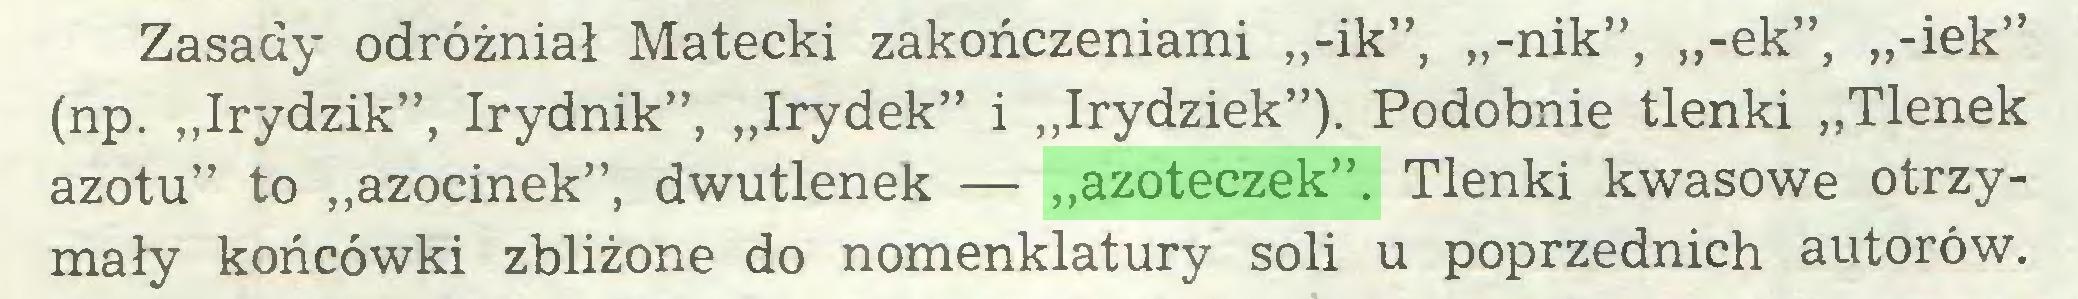 """(...) Zasady odróżniał Matecki zakończeniami ,,-ik"""", ,,-nik"""", ,,-ek"""", ,,-iek"""" (np. """"Irydzik"""", Irydnik"""", """"Irydek"""" i """"Irydziek""""). Podobnie tlenki """"Tlenek azotu"""" to """"azocinek"""", dwutlenek — """"azoteczek"""". Tlenki kwasowe otrzymały końcówki zbliżone do nomenklatury soli u poprzednich autorów..."""